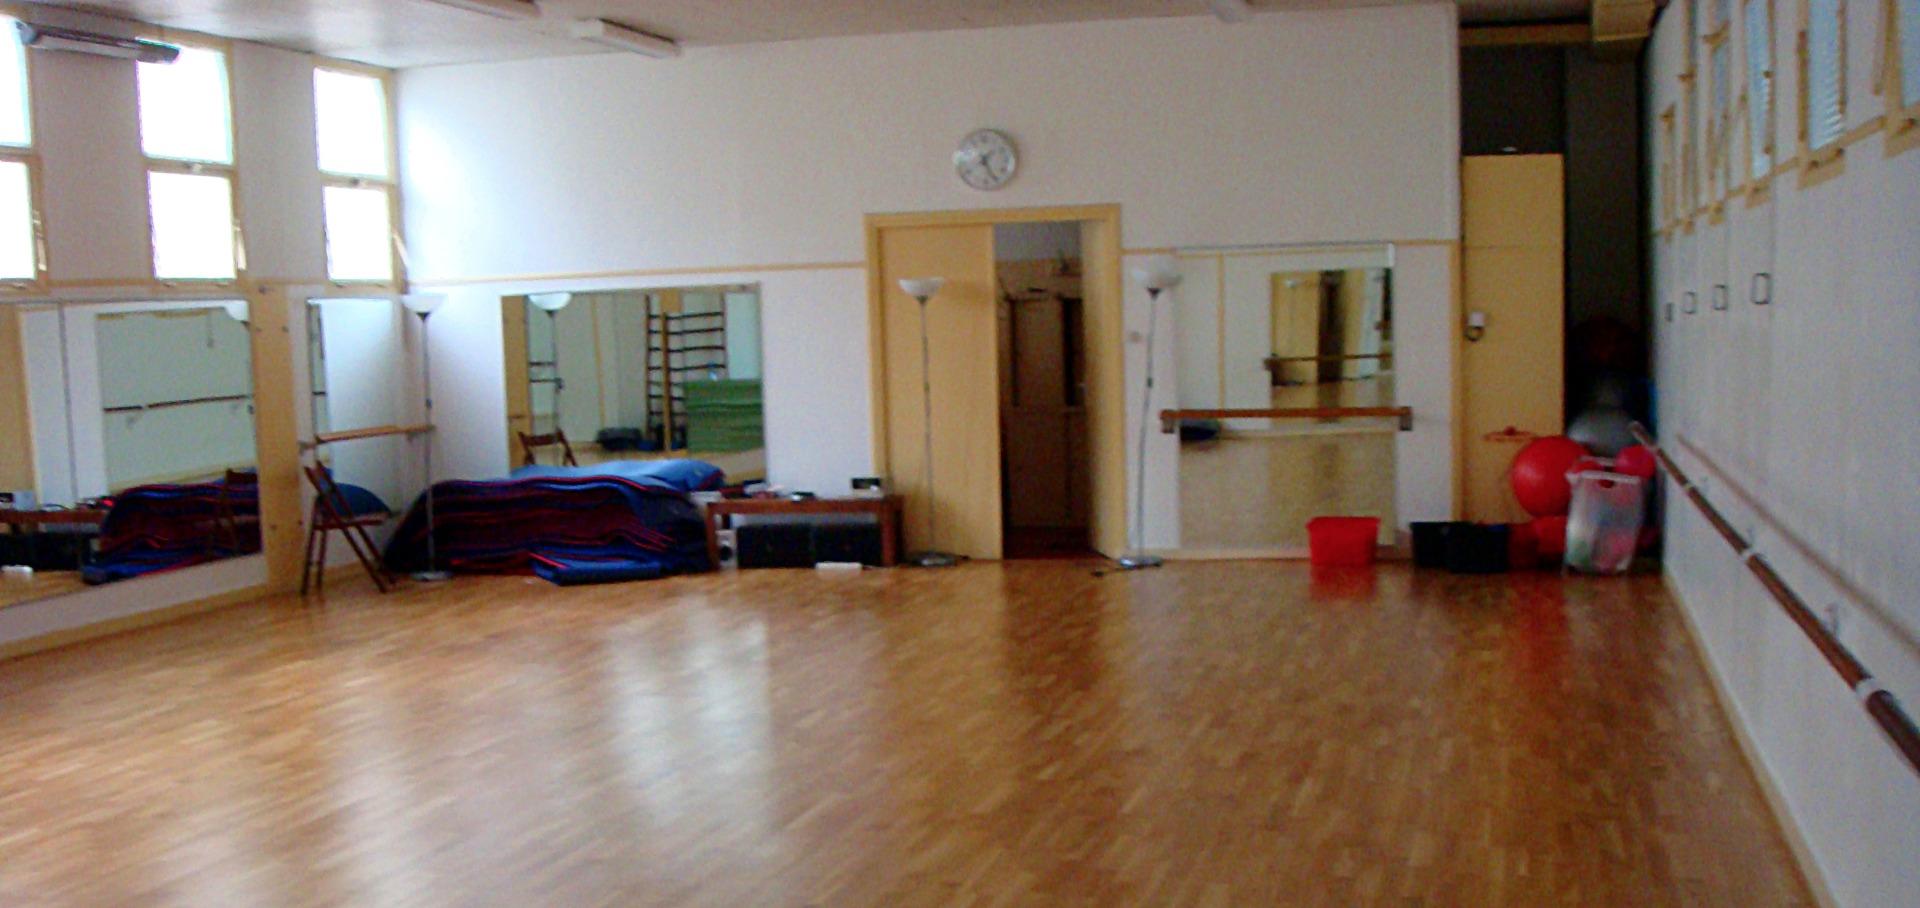 les meilleurs tarifs pour le centre salle pelleport paris sport club paris. Black Bedroom Furniture Sets. Home Design Ideas